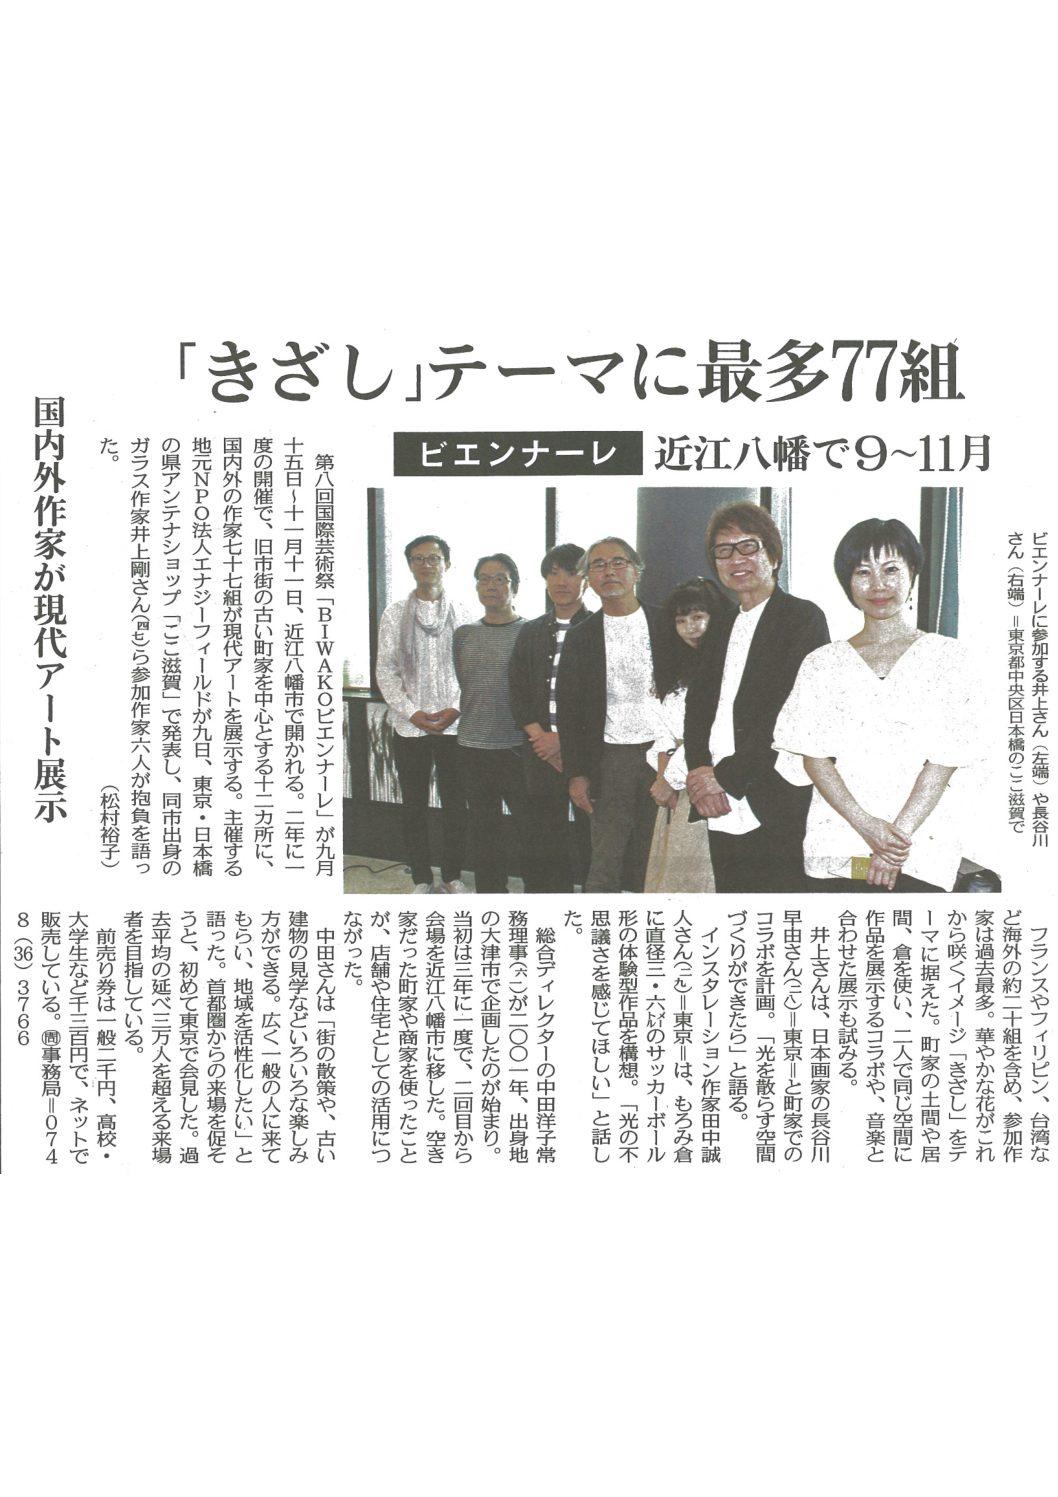 【メディア掲載】中日新聞にプレス発表会の記事が掲載されました。